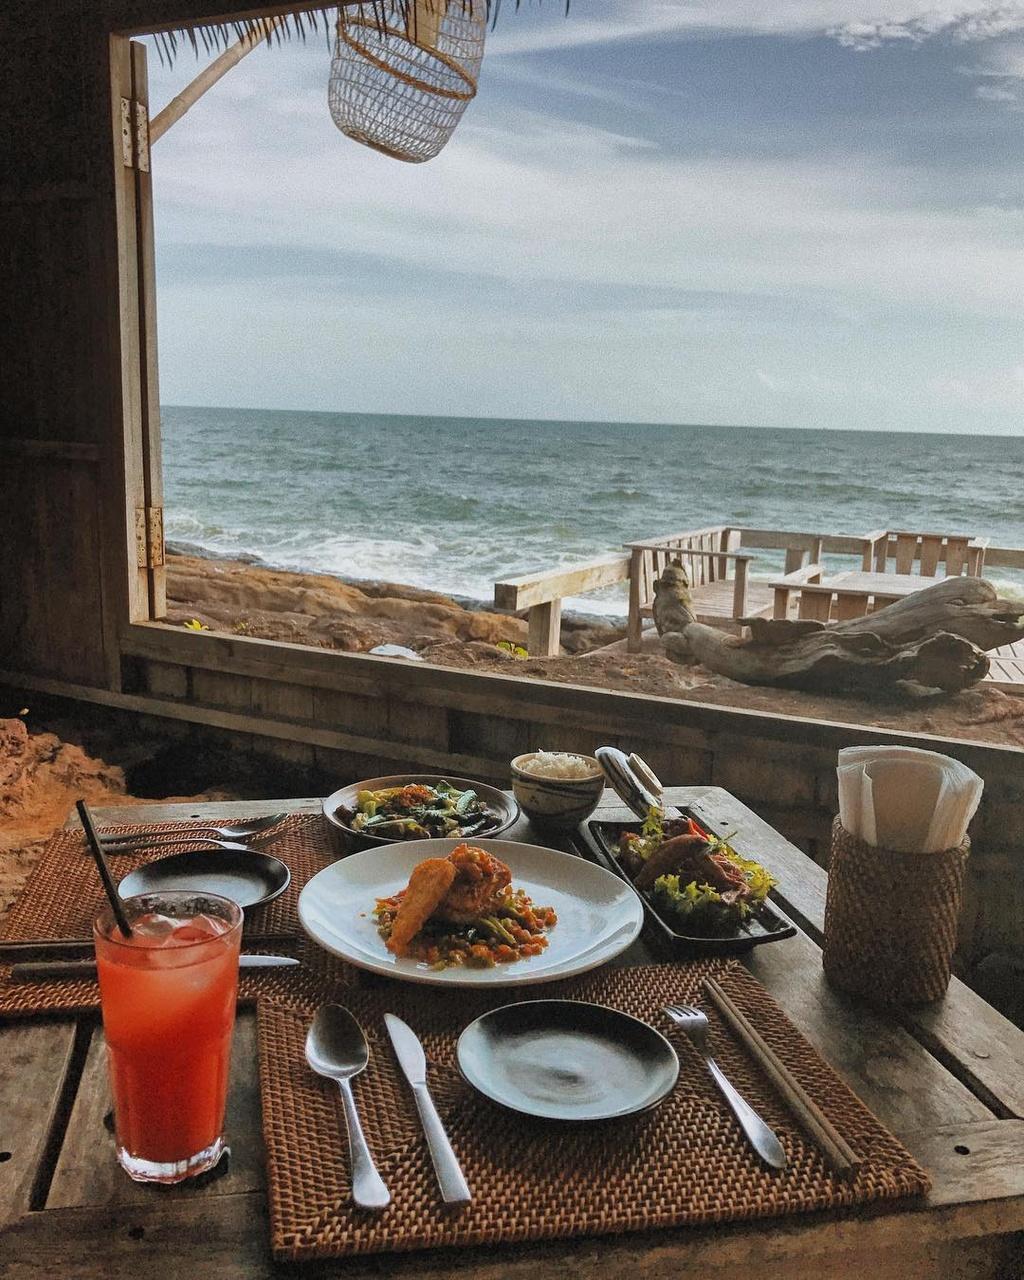 4 nha hang view dep khong the bo qua o Phu Quoc hinh anh 10 da.mieu_.jpg  - da - 4 nhà hàng view đẹp không thể bỏ qua ở Phú Quốc